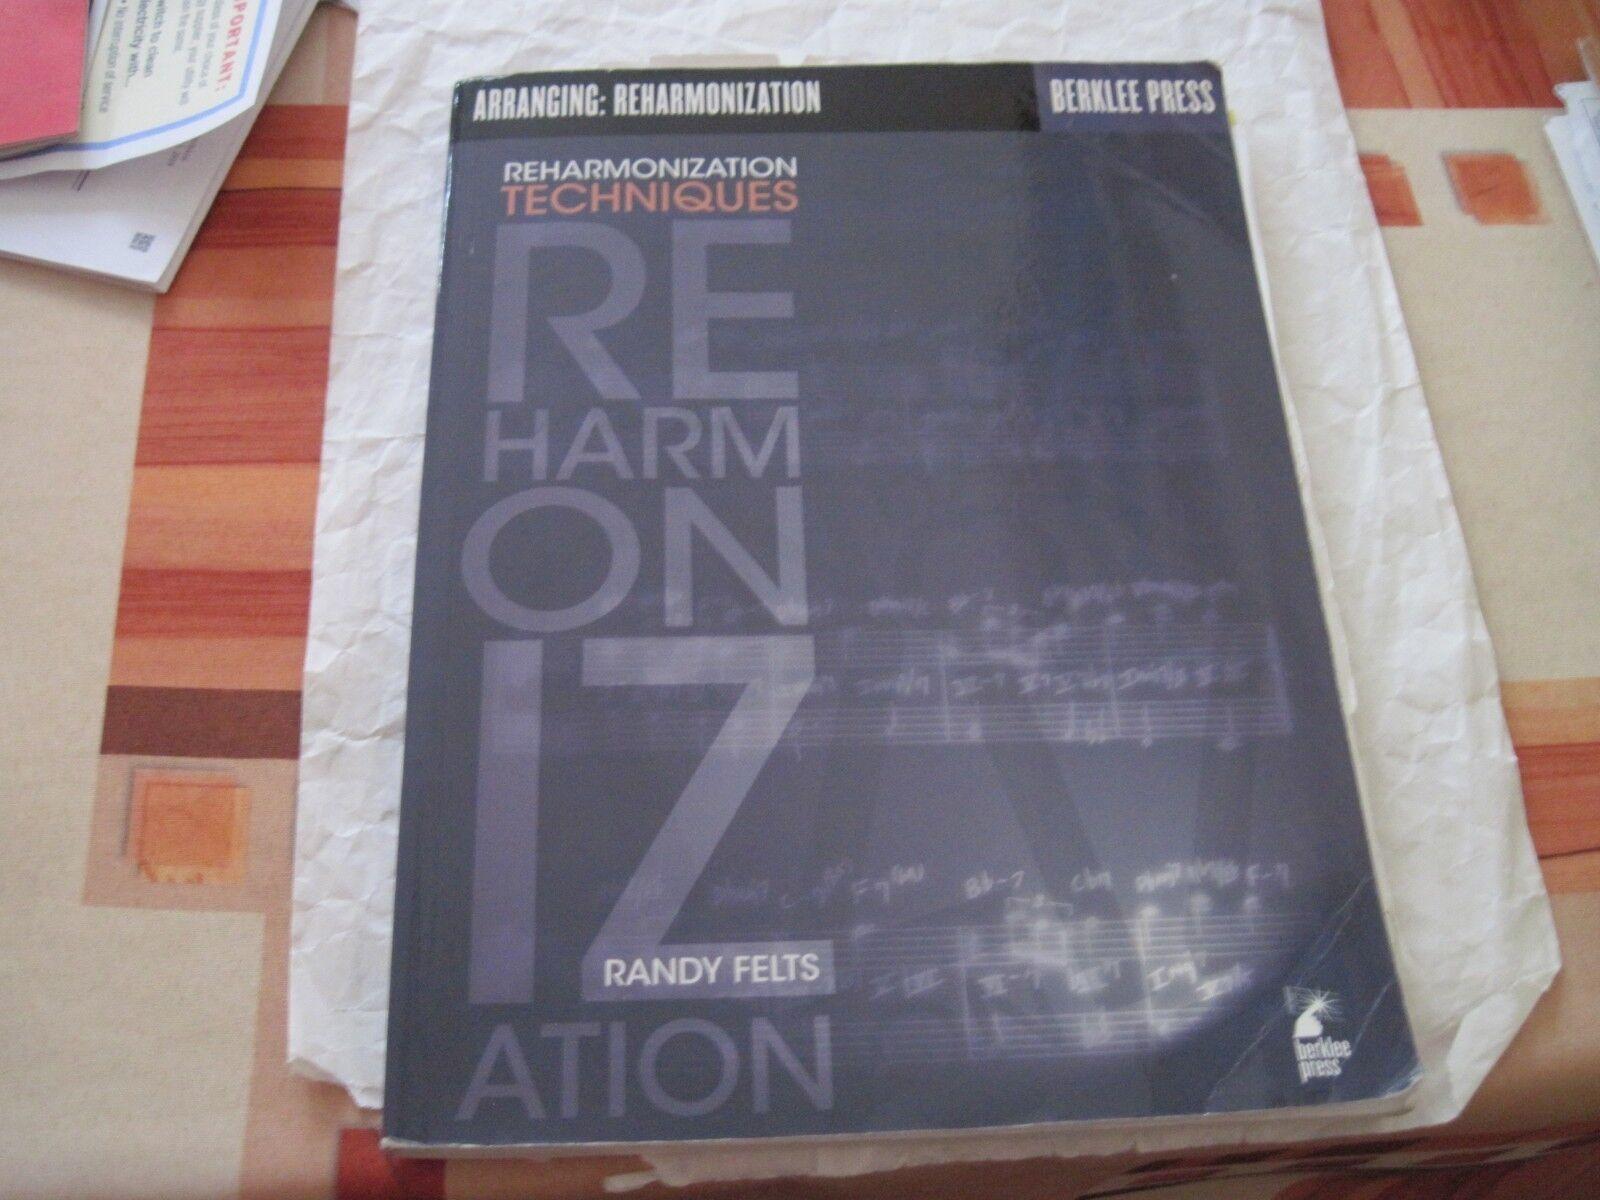 reharmonization techniques randy felts